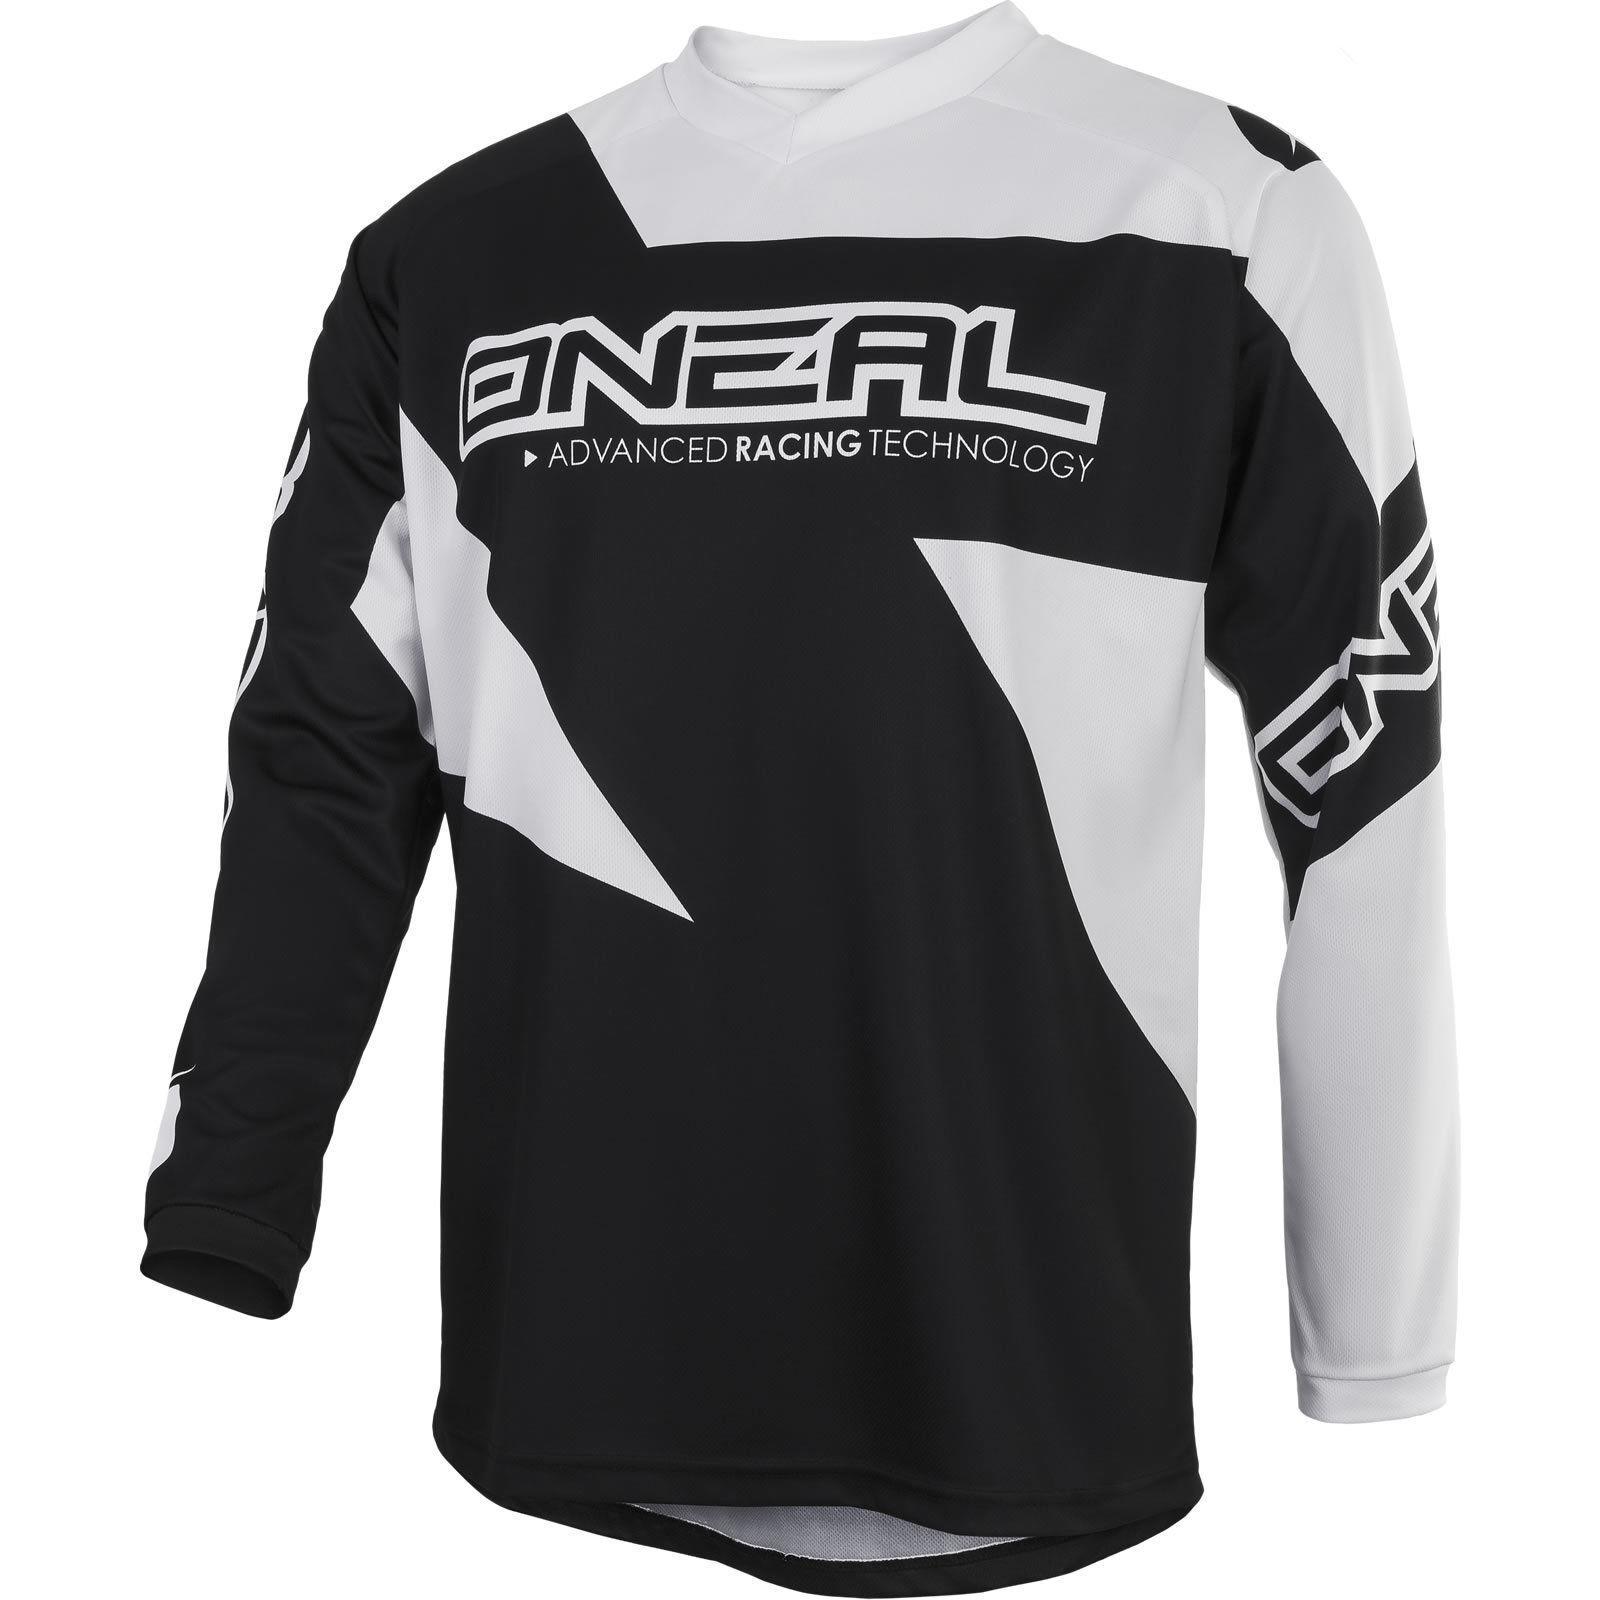 Details about Oneal Matrix 2019 Motocross Jersey Ridewear MX Bike Dirt Bike  Race Shirt O Neal d019b7d28